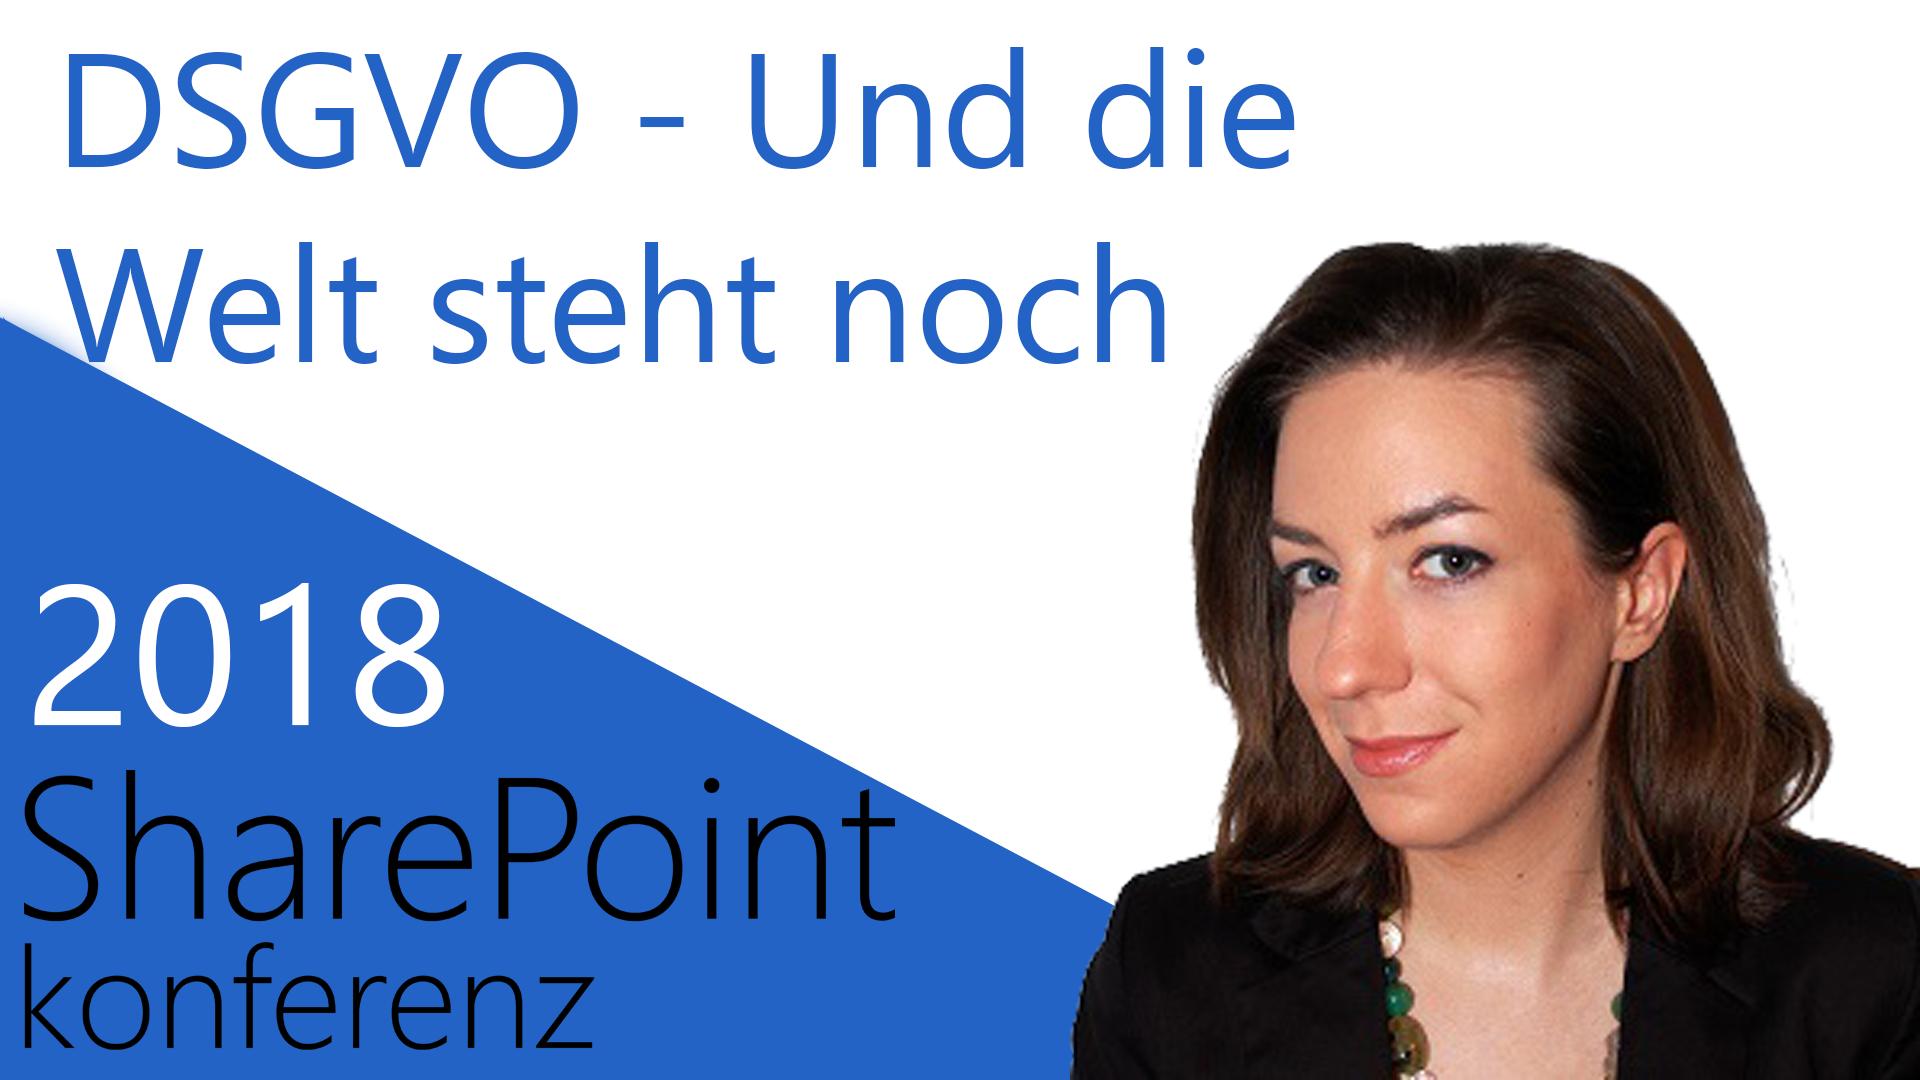 2018/SharePointKonferenz/dsgvo_ursula